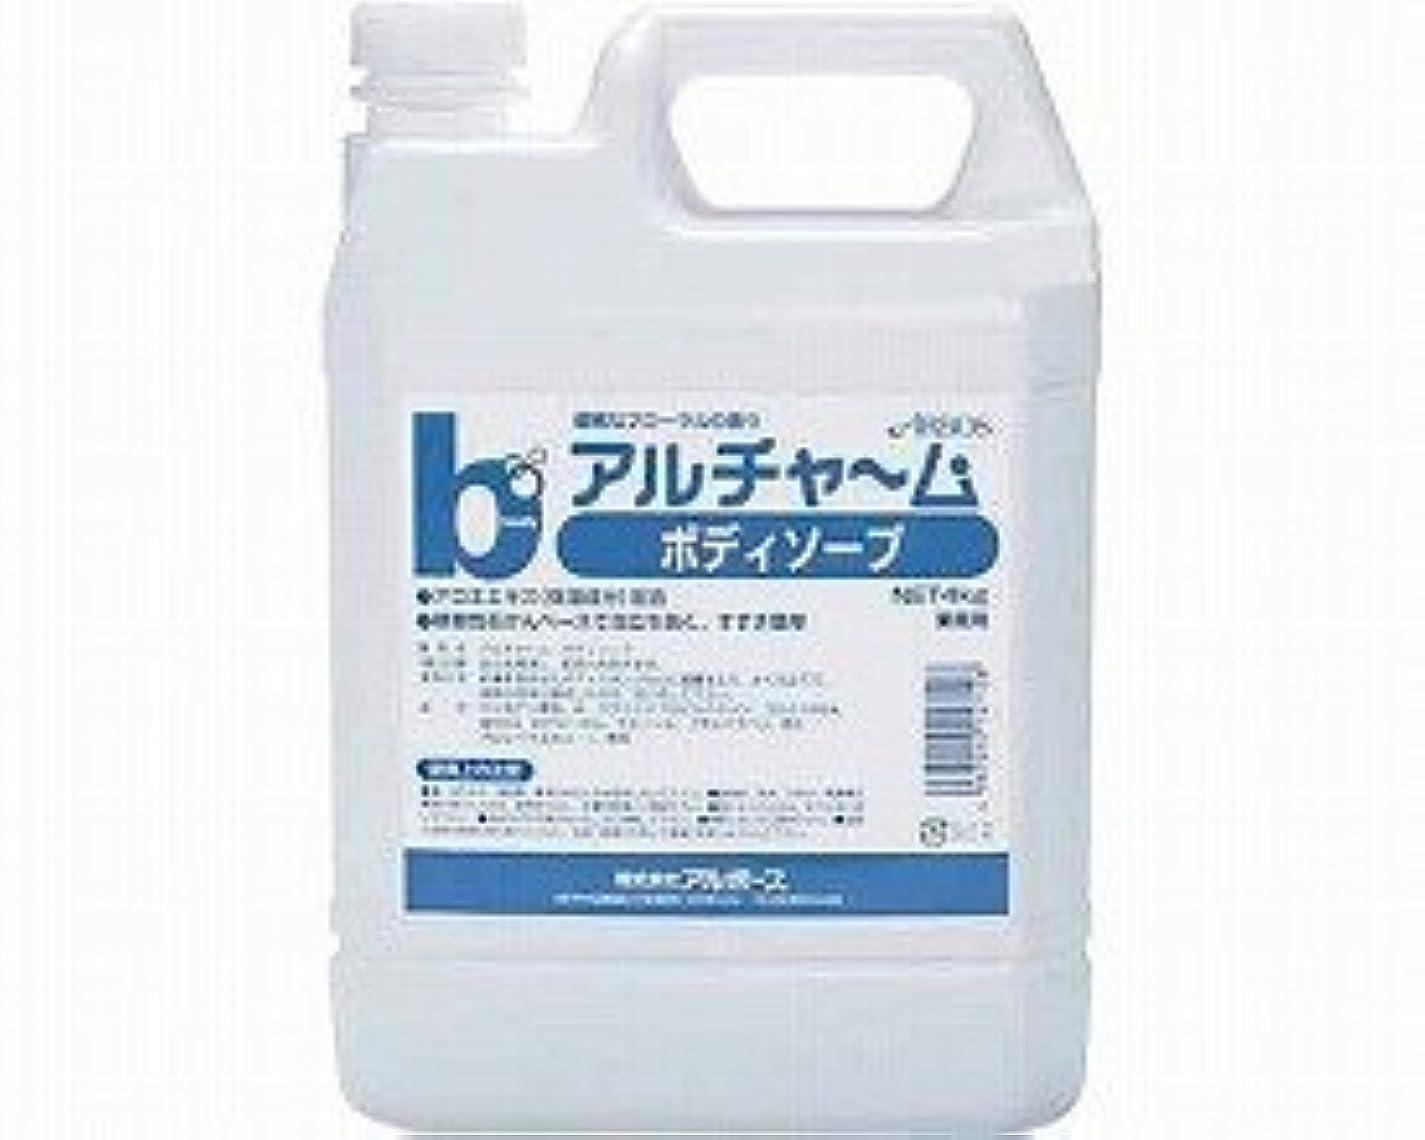 お気に入り隣接する反応するアルチャーム ボディソープ 4kg (アルボース) (清拭小物)